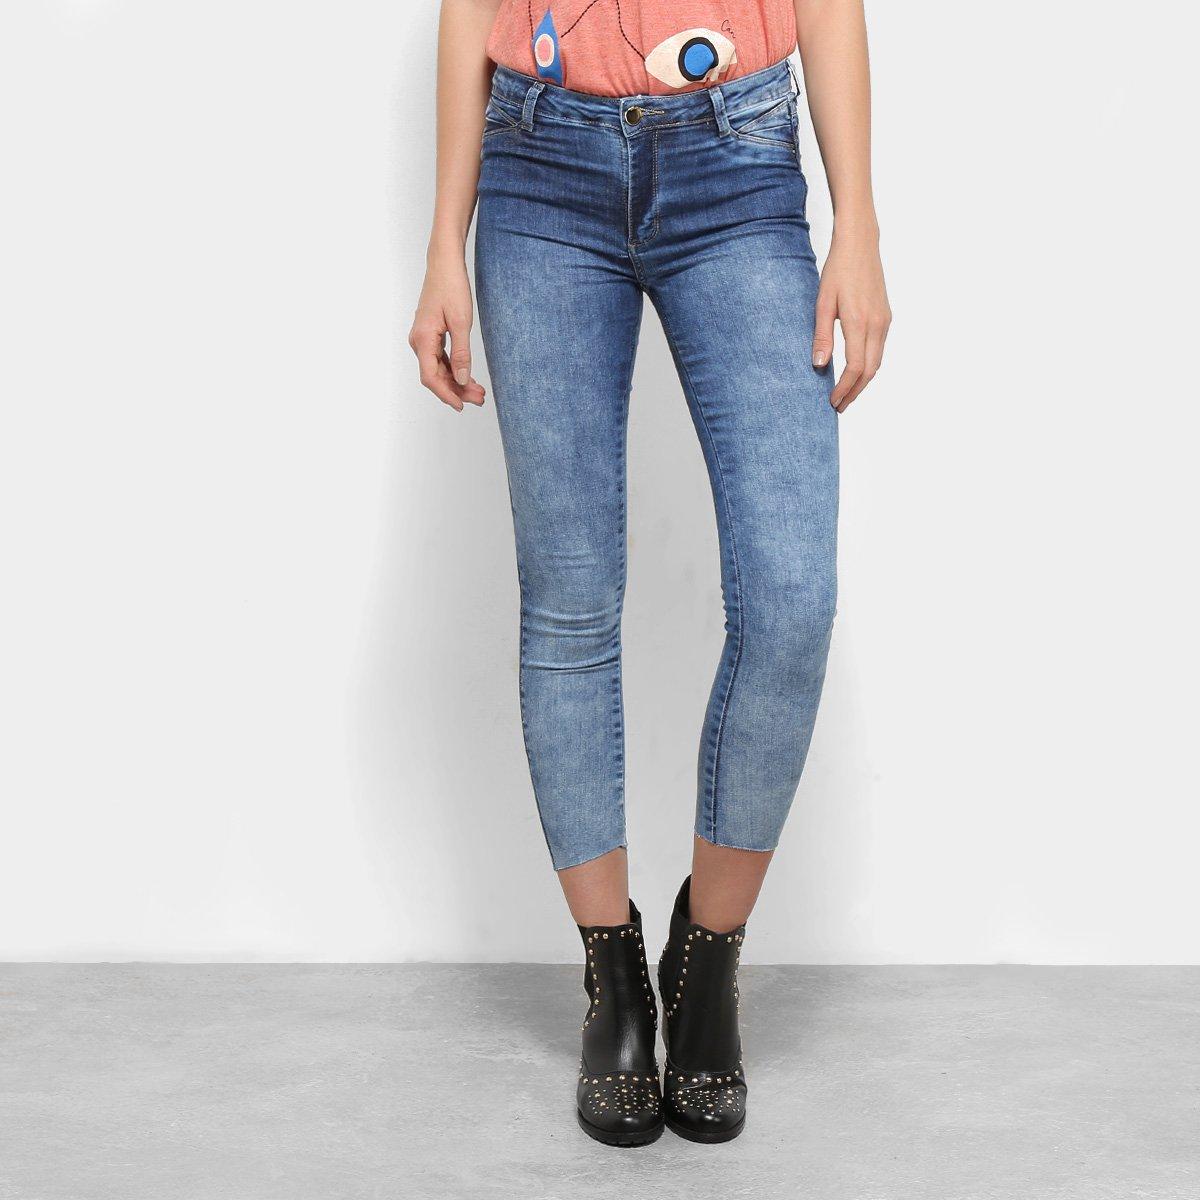 6e4b84e08 Calça Jeans Skinny Sawary Estonada Cropped Cintura Média Feminina